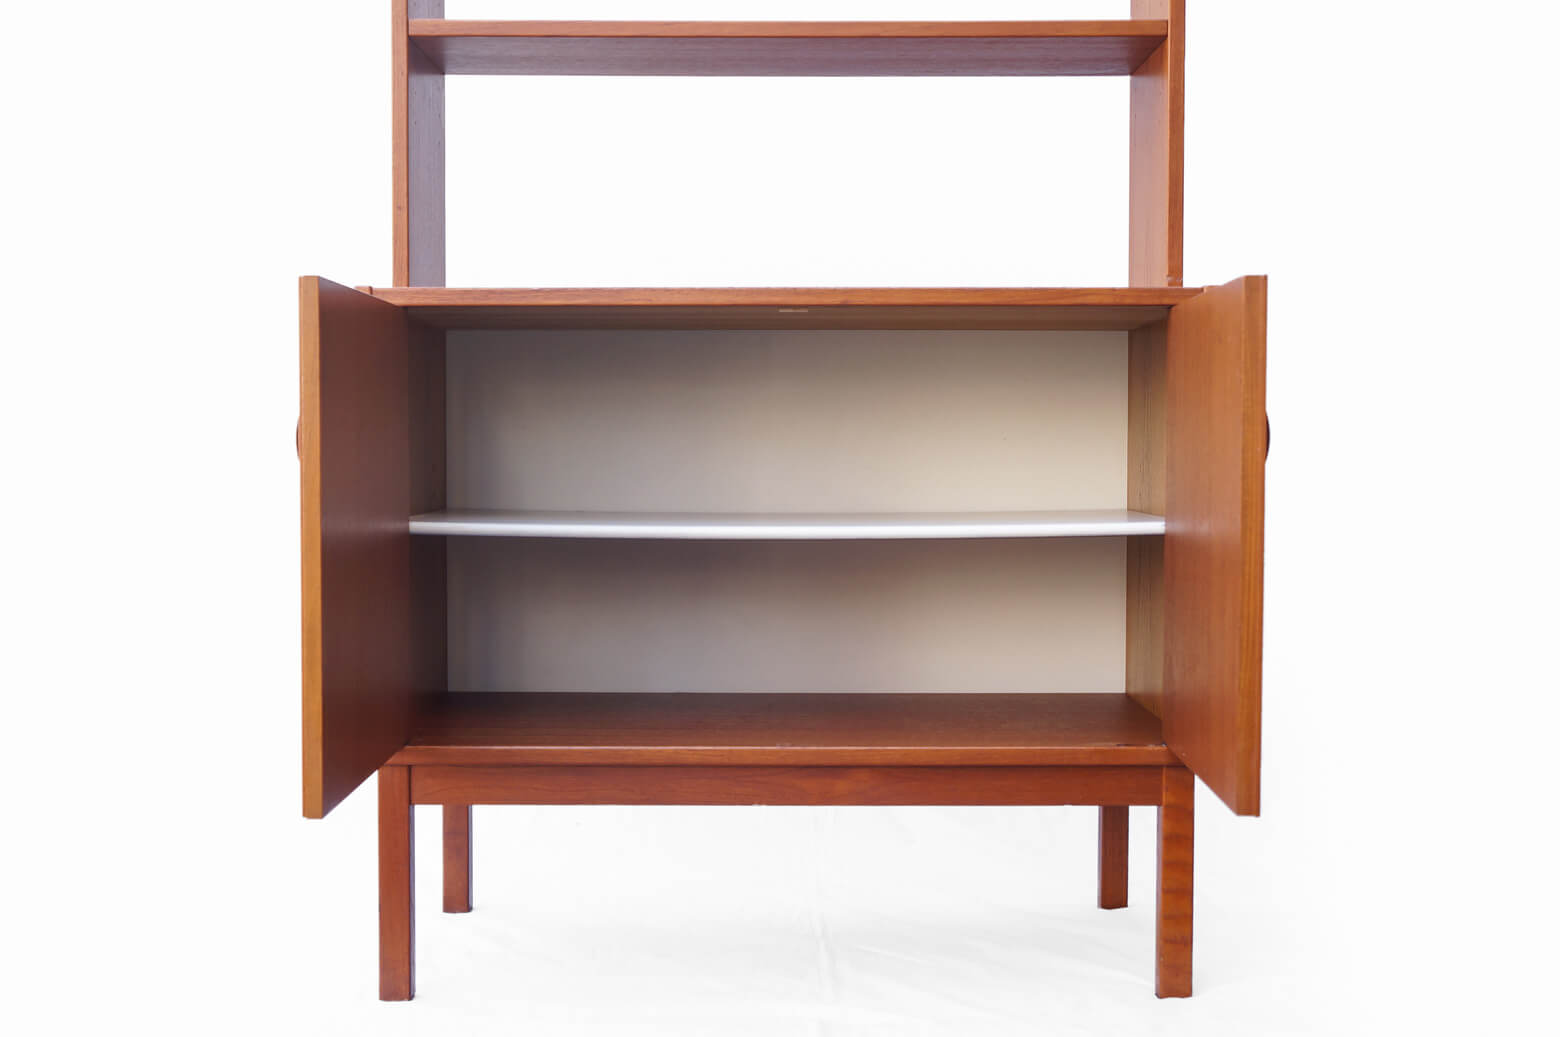 Swedish Vintage Royal Board Book Shelf/スウェーデン ヴィンテージ ロイヤルボードブックシェルフ